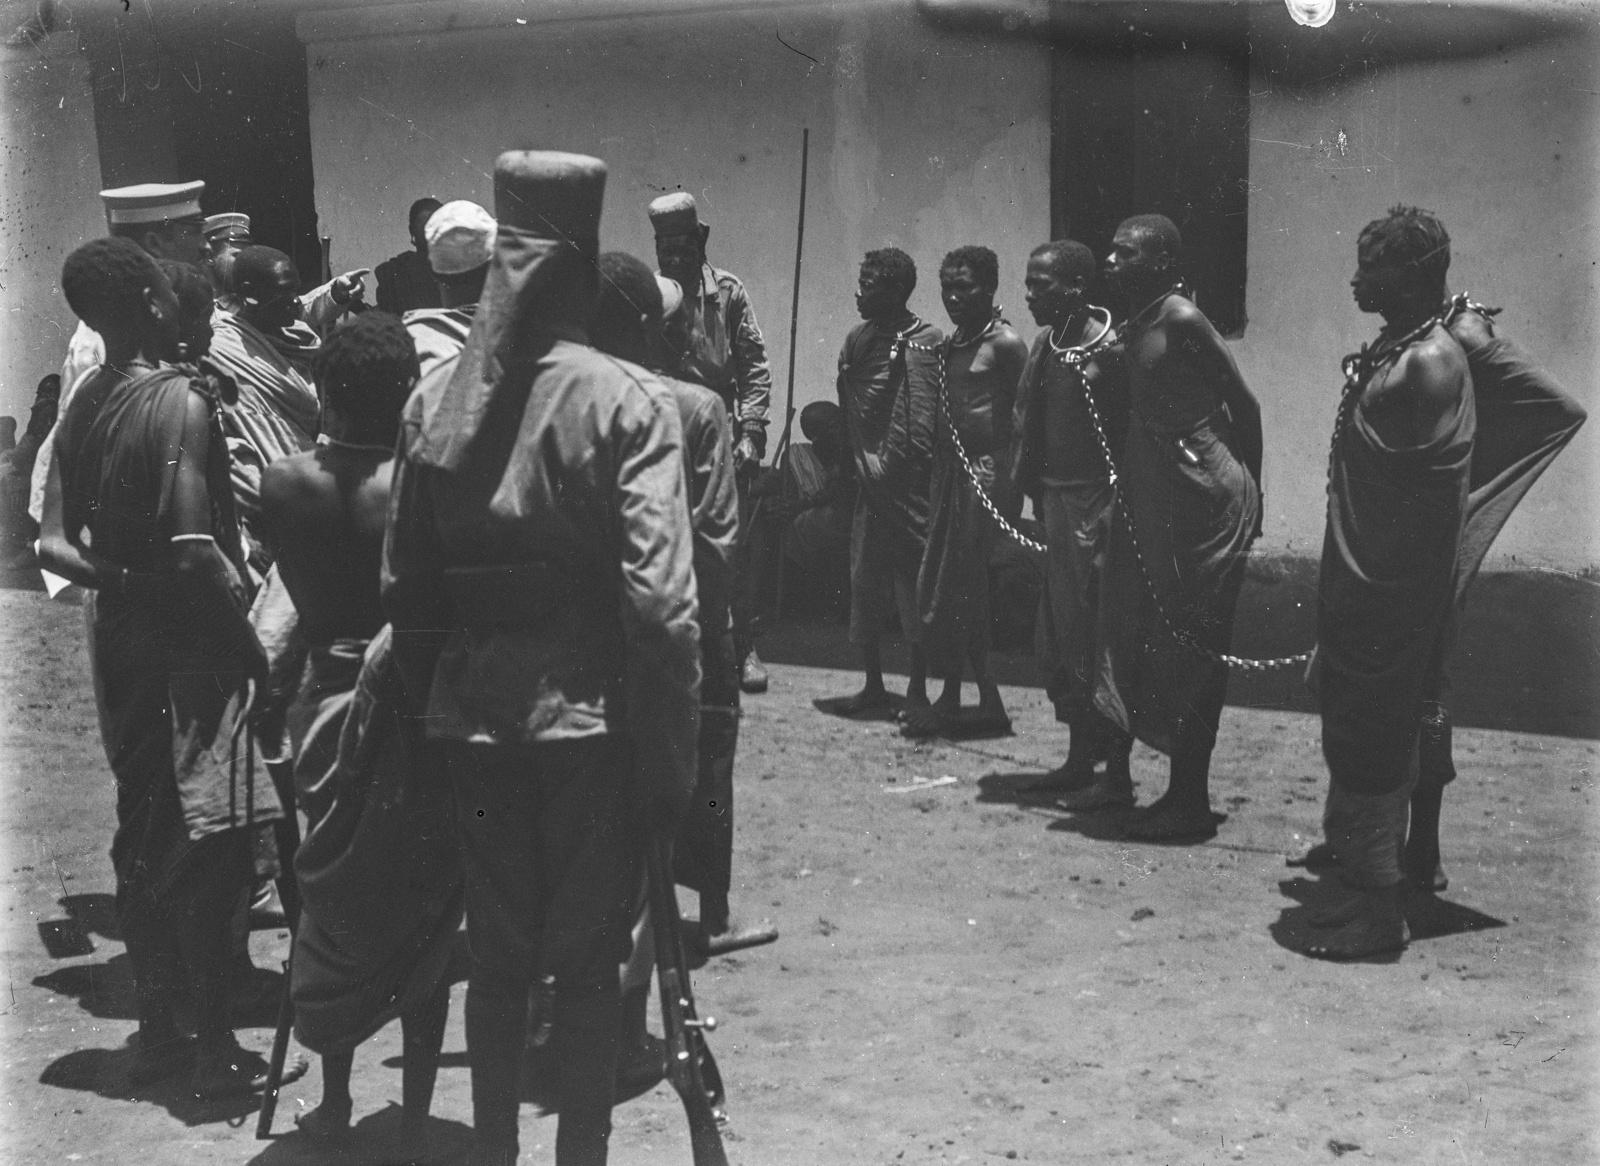 301. Станция немецкого общества Восточной Африки (ДОАГ)  в Моши. Солдаты немецких колониальных войск и заключенные в цепях